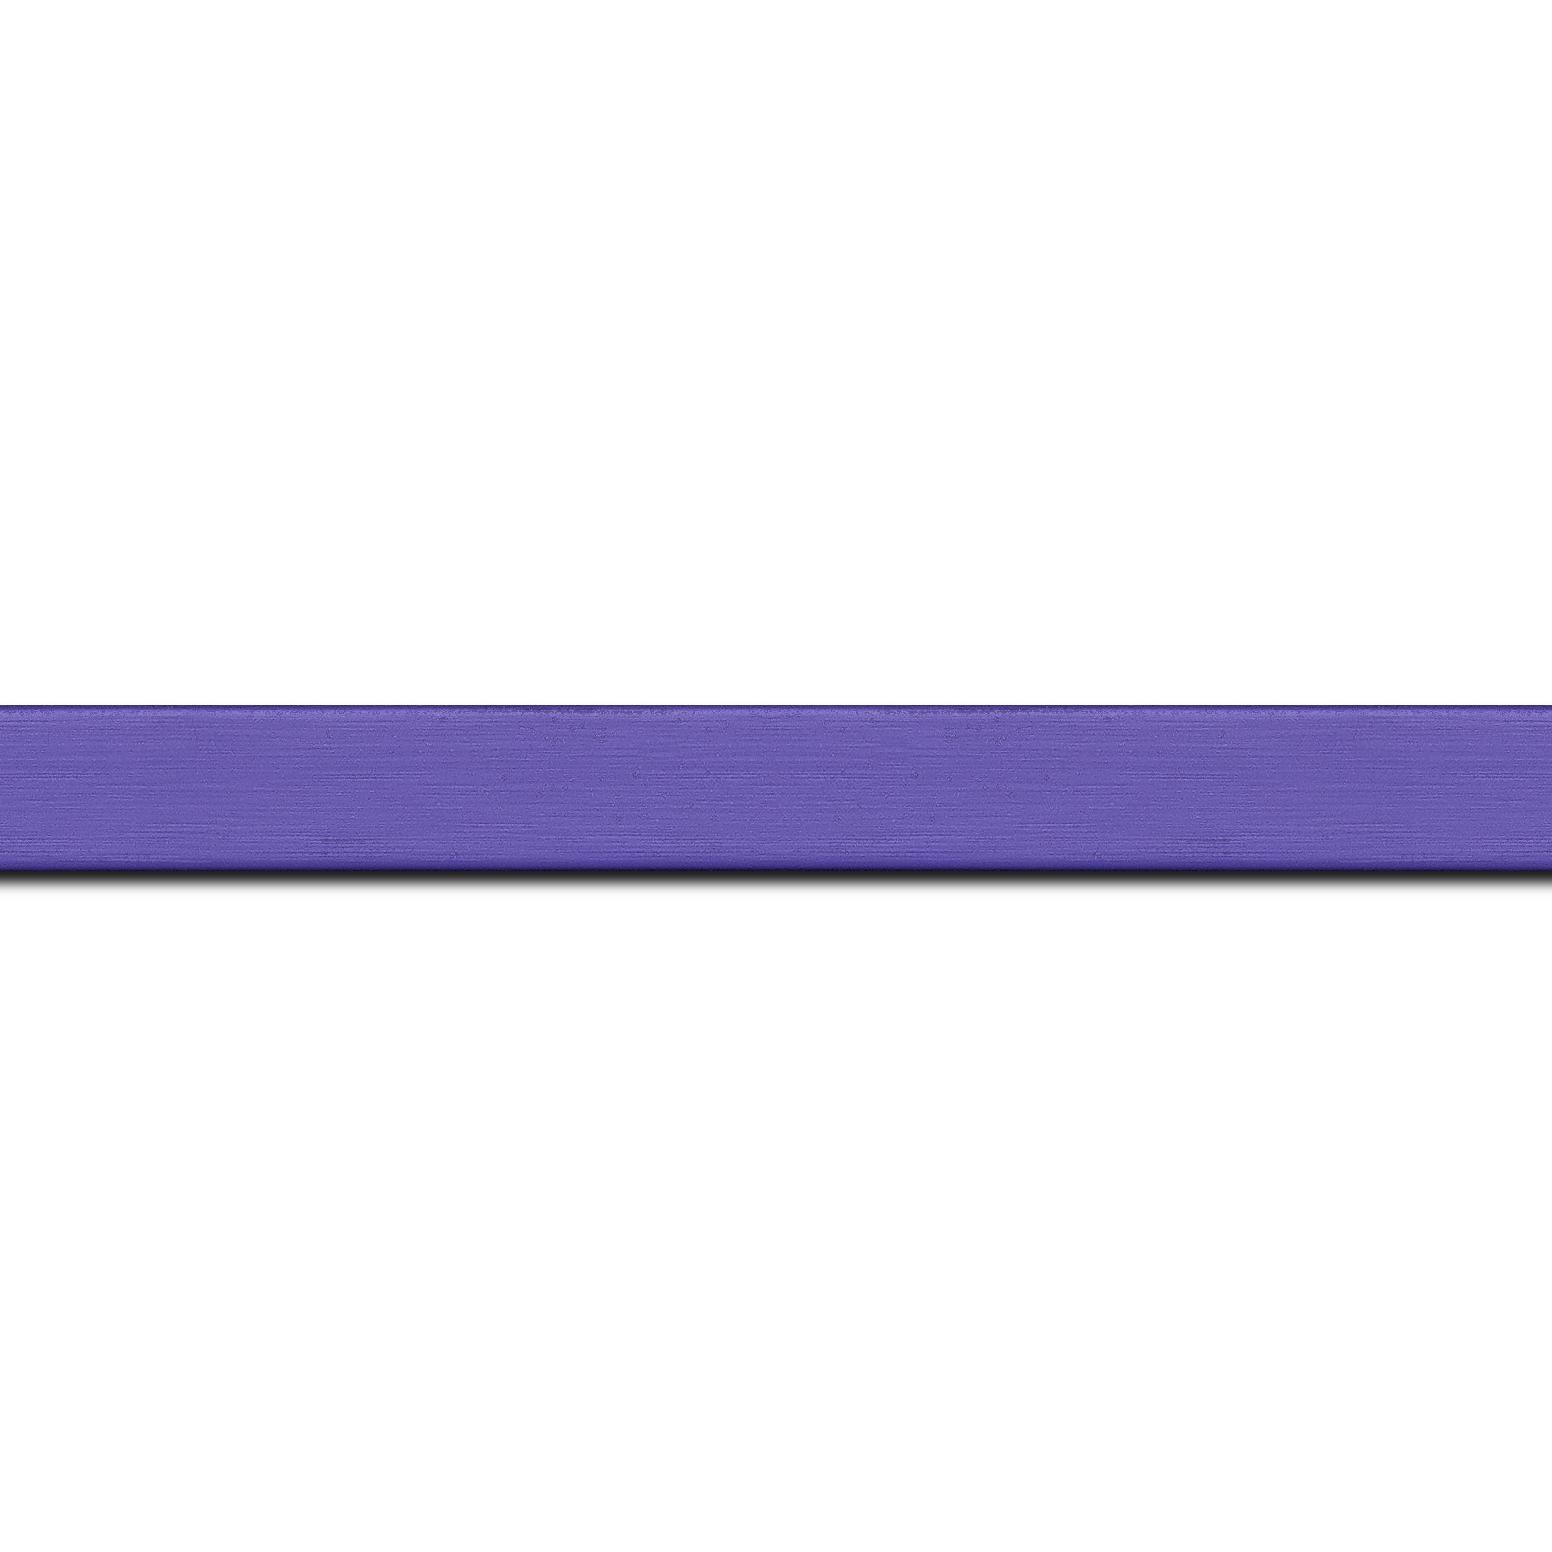 Baguette longueur 1.40m bois profil plat effet cube largeur 1.7cm couleur bleu violet satiné